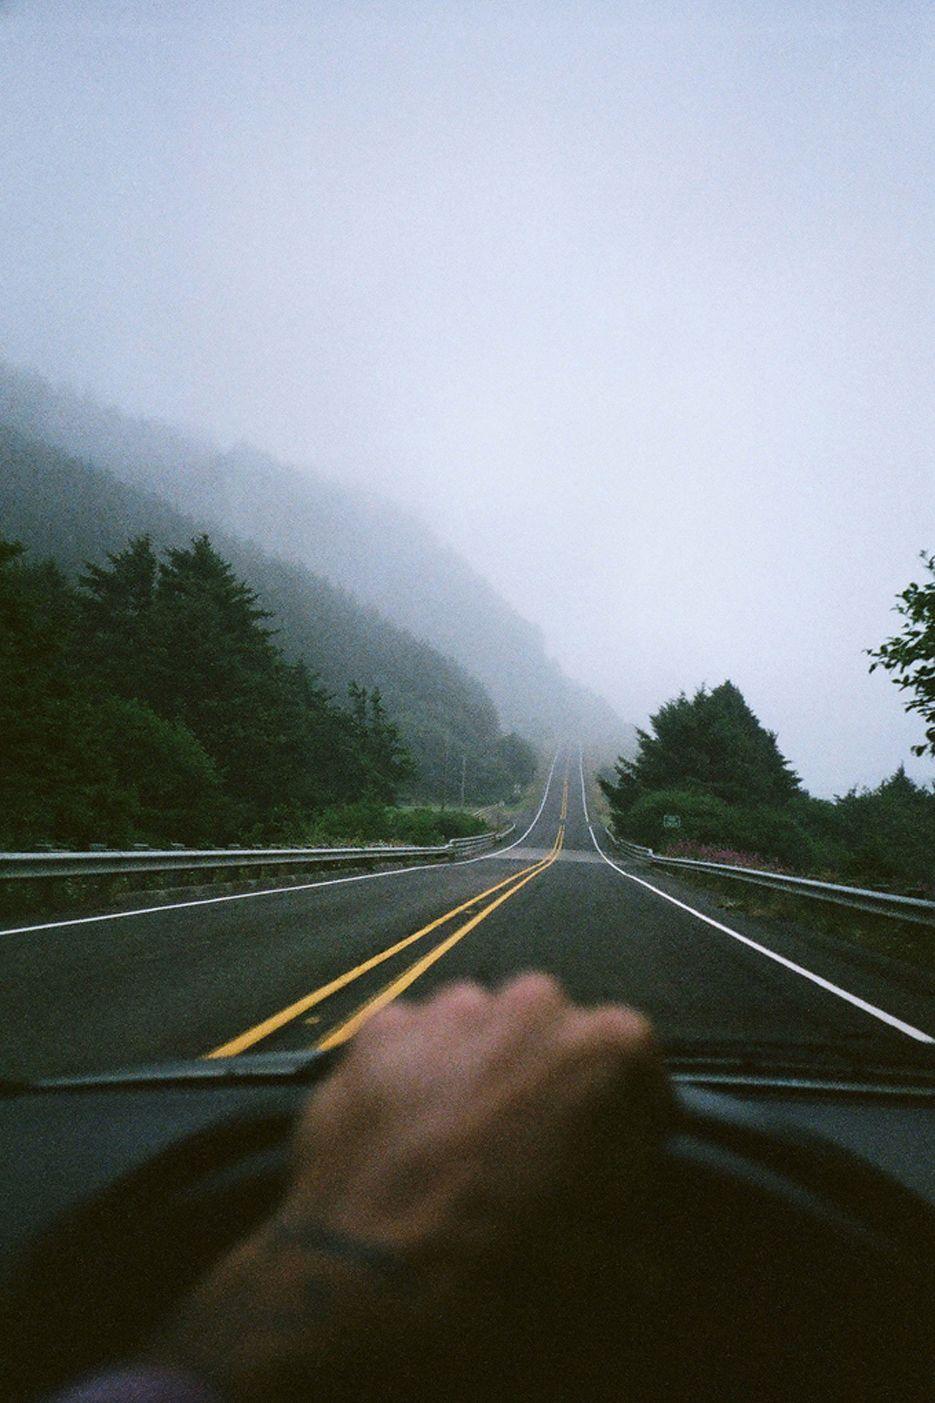 #road#longway#freedom